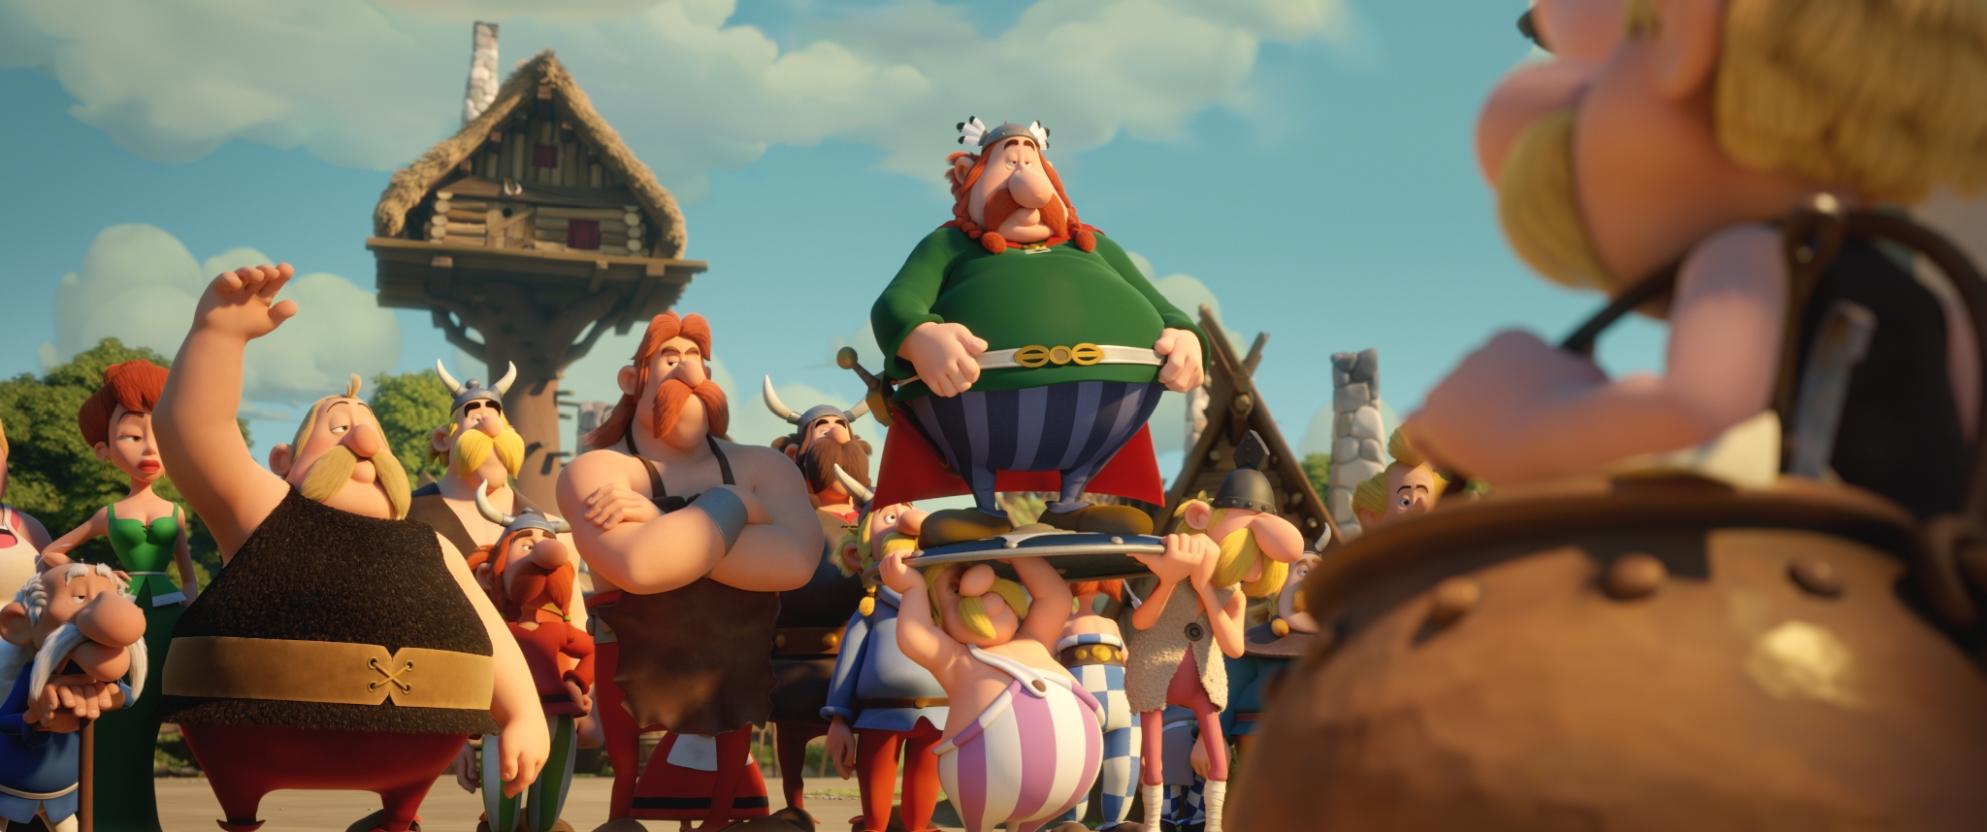 Asterix e il segreto della pozione magica: una scena del film